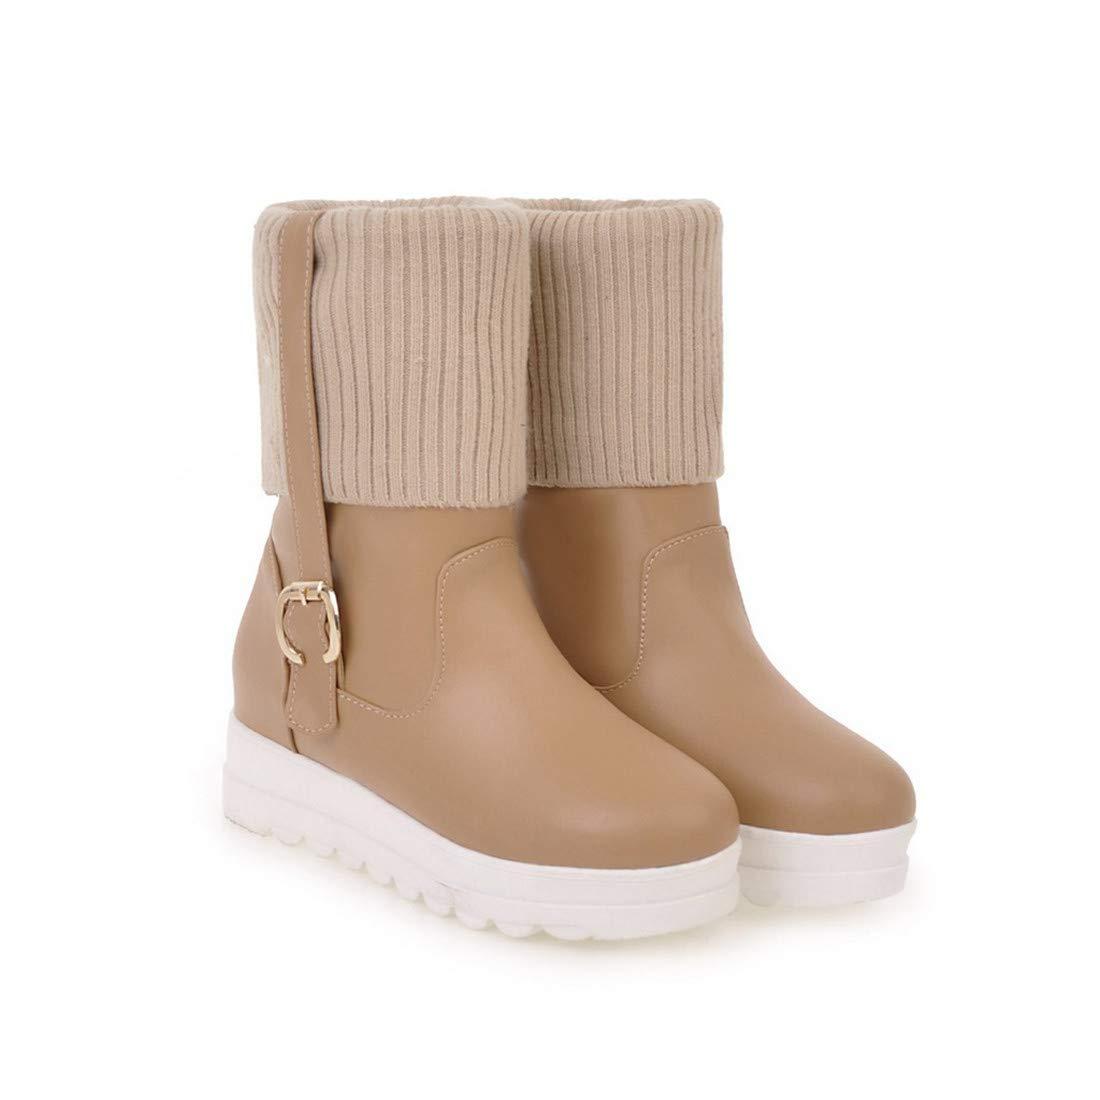 Stiefel-DEDE Flache Schuhe für Damenwilde Stiefel für Winterschüler